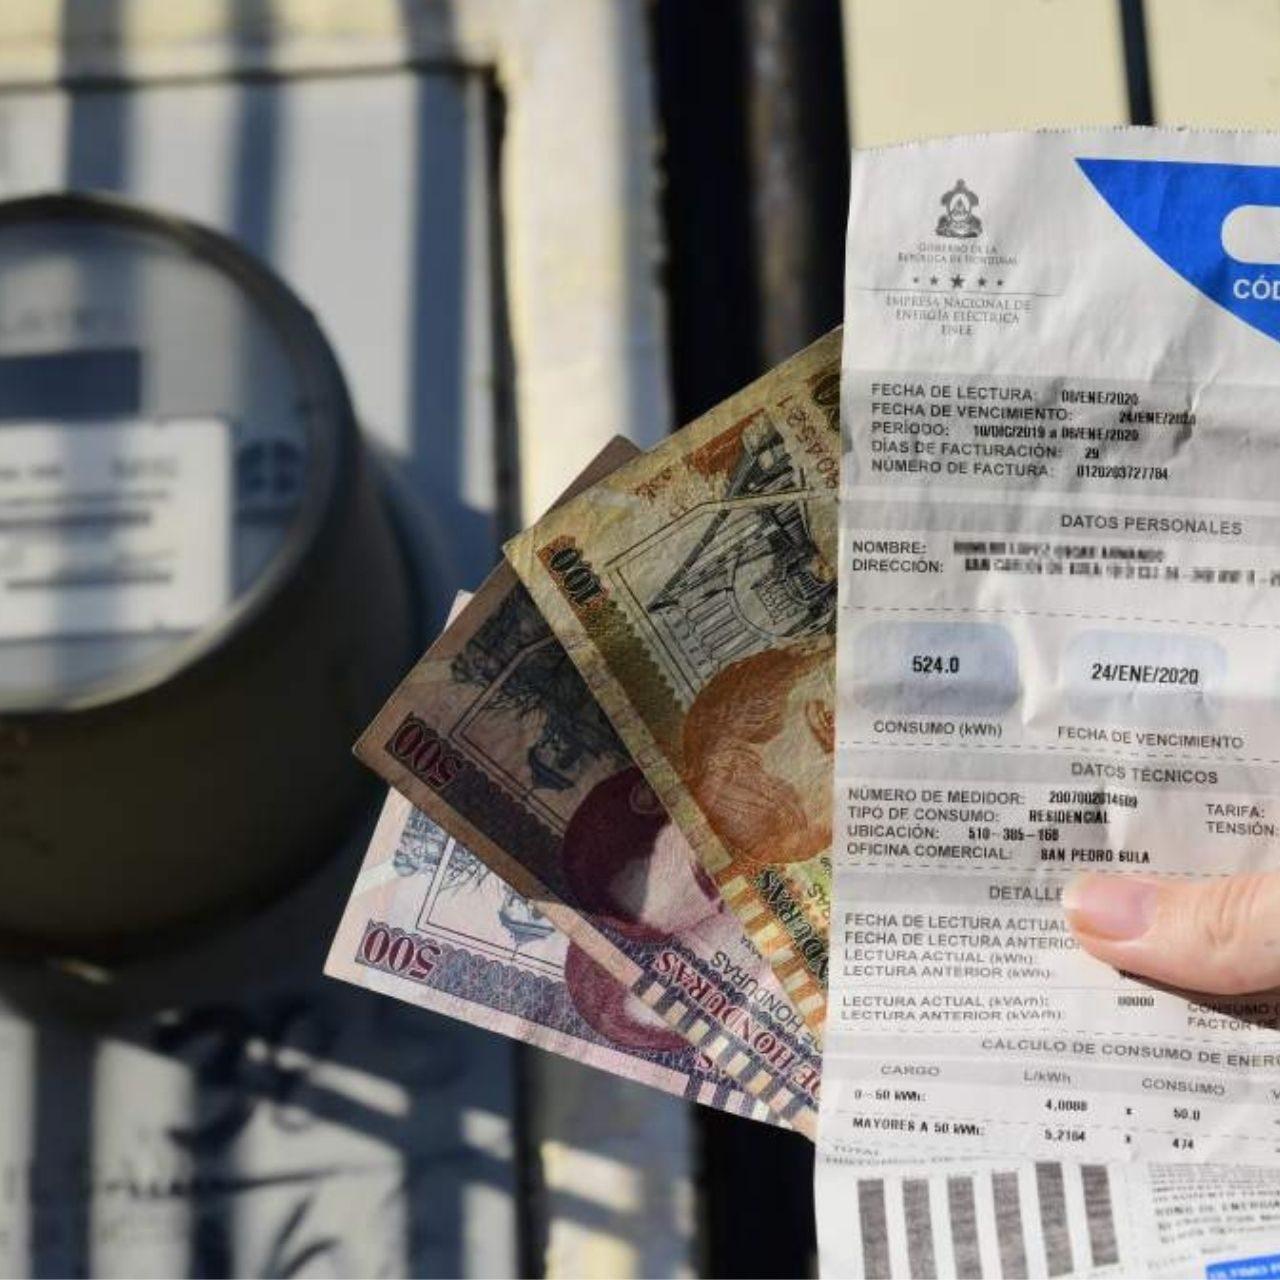 Comisión Reguladora de Energía aprueba incremento en el precio de energía